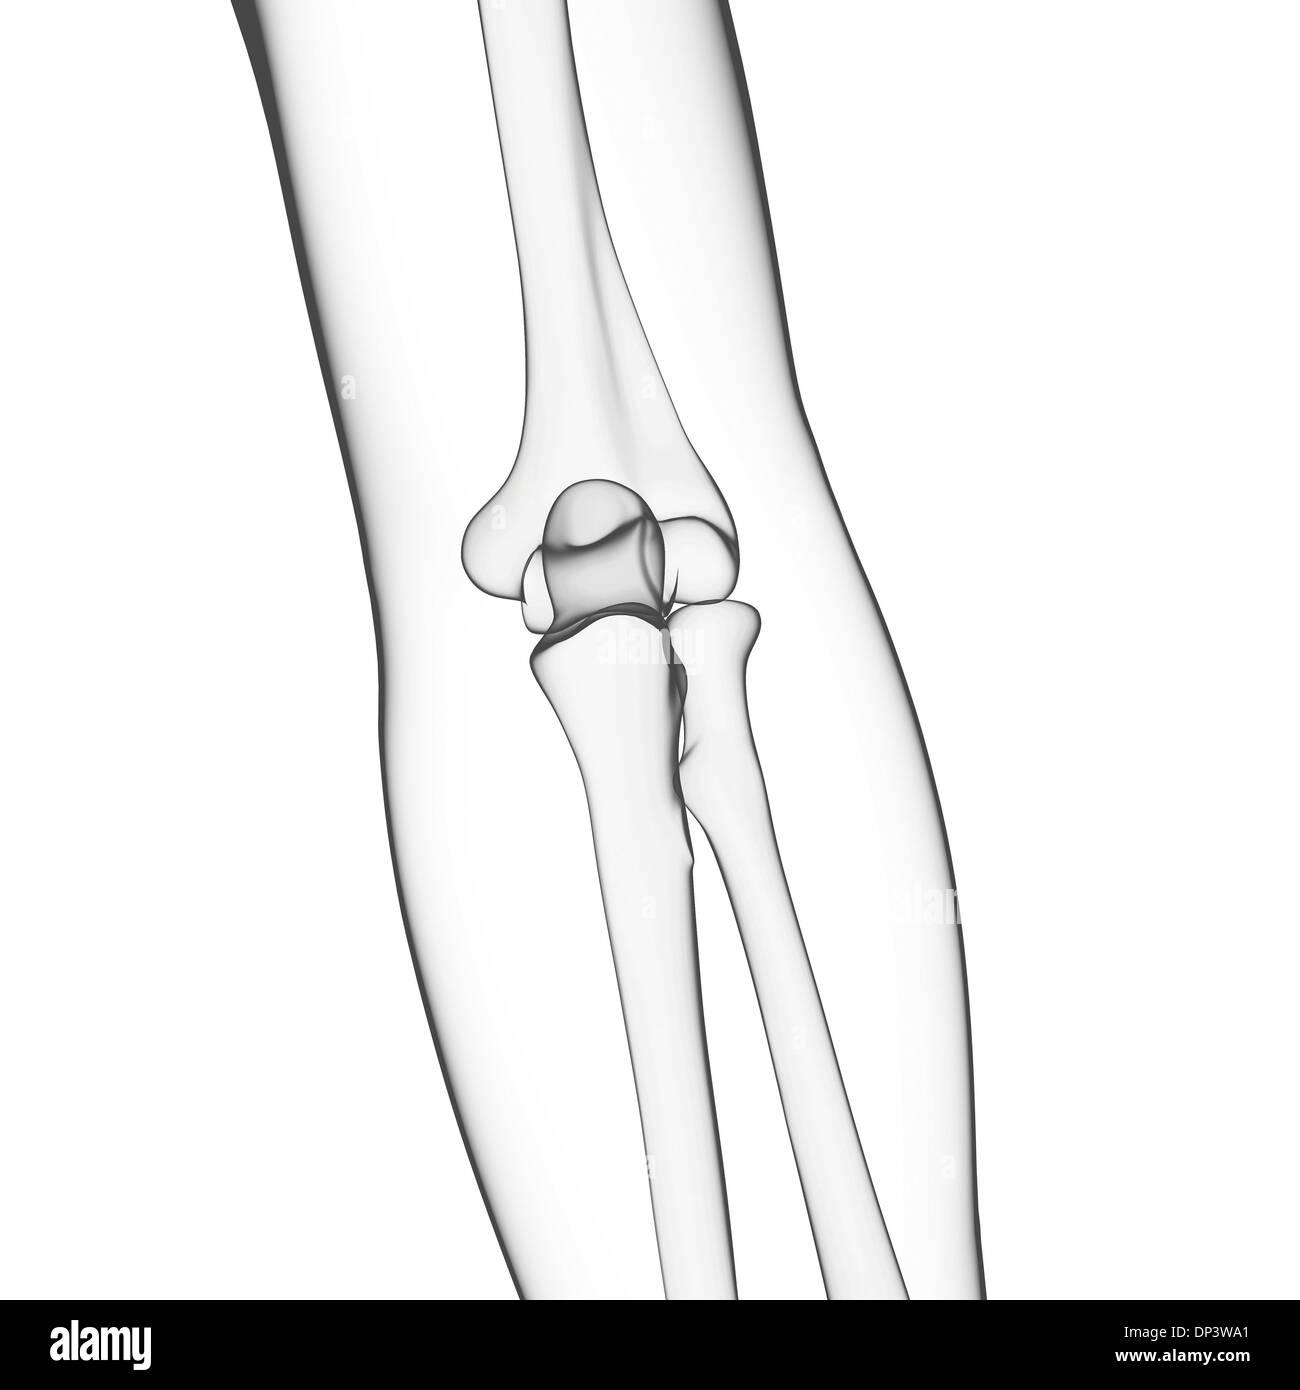 Nett Knochen Im Arm Fotos - Anatomie Und Physiologie Knochen Bilder ...